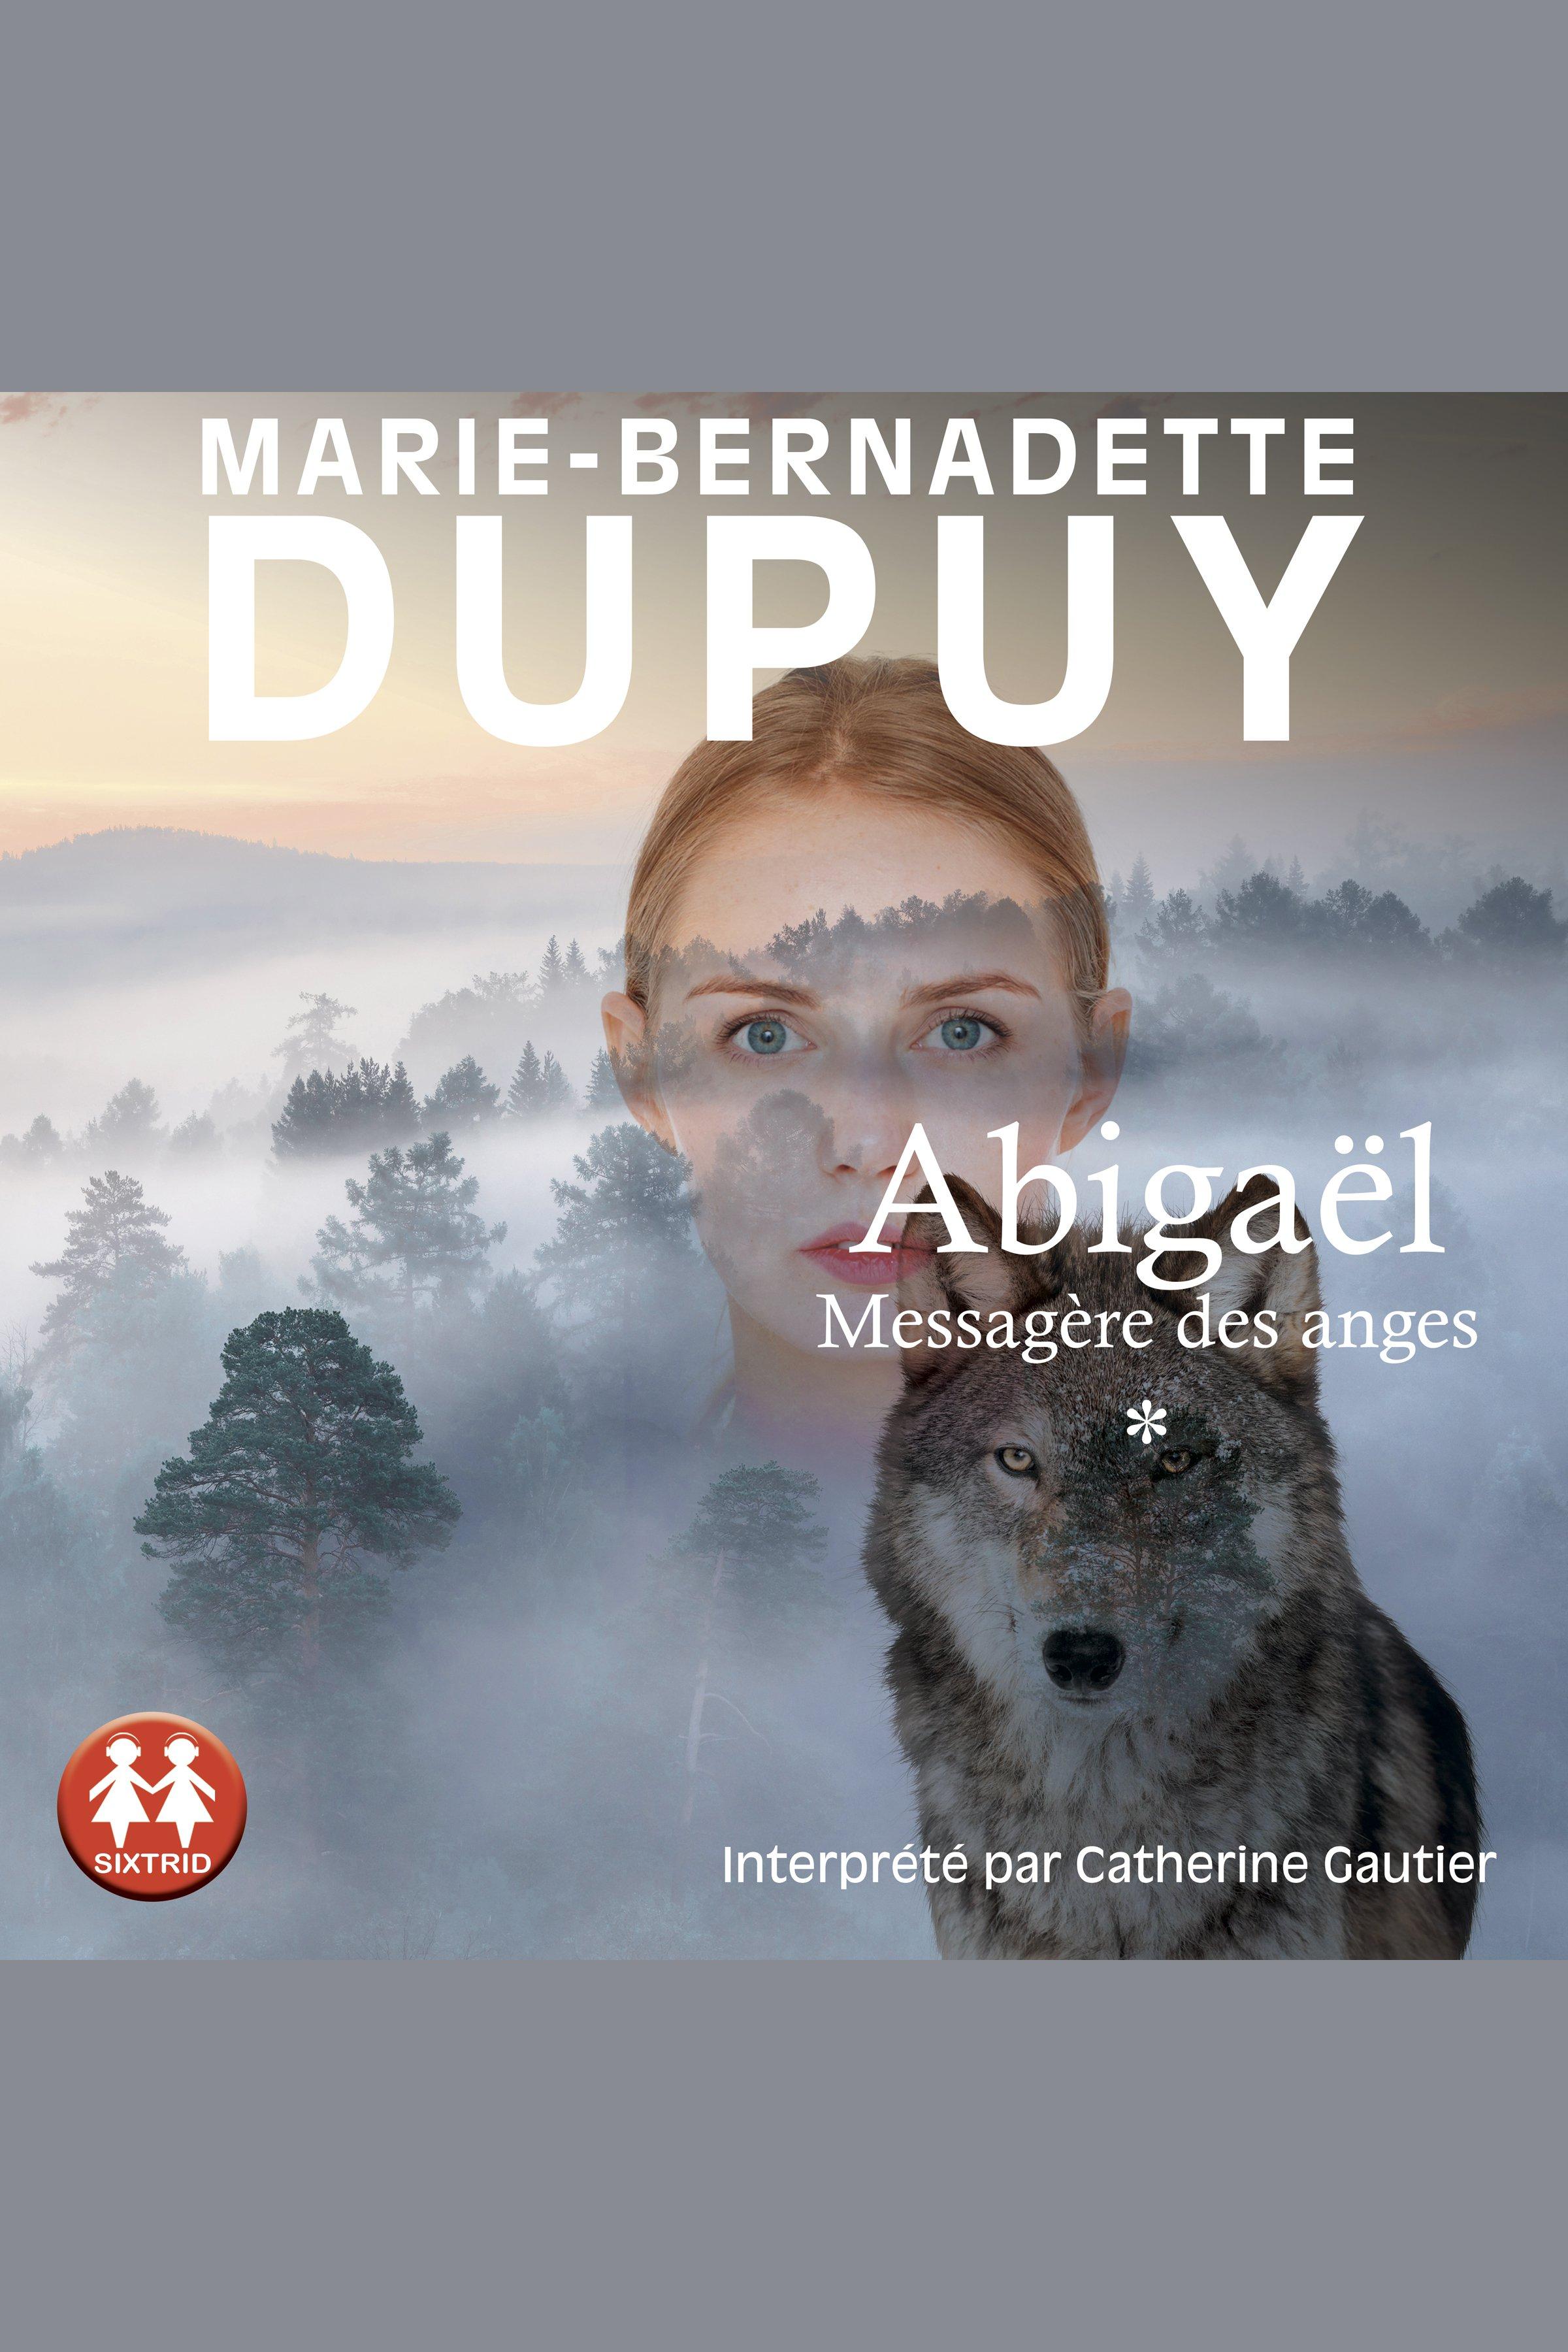 Image: Abigaël, messagère des anges